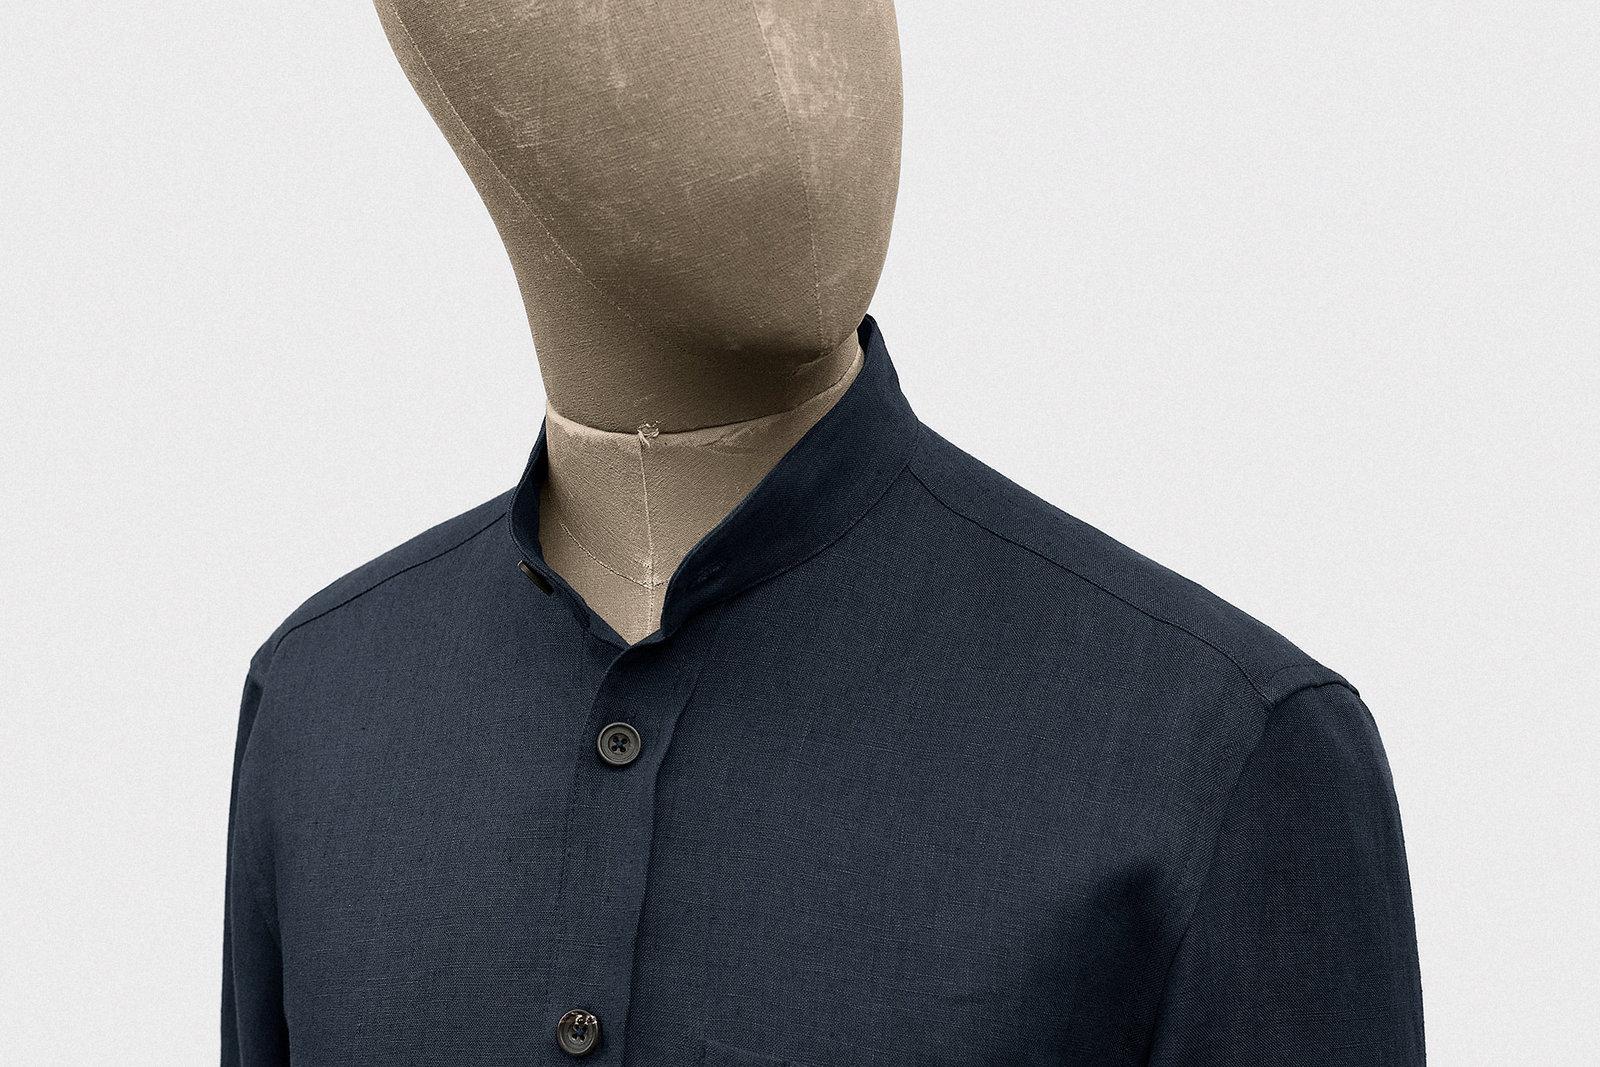 shirt-granddad-linen-suiting-dark-navy-4@2x.jpg